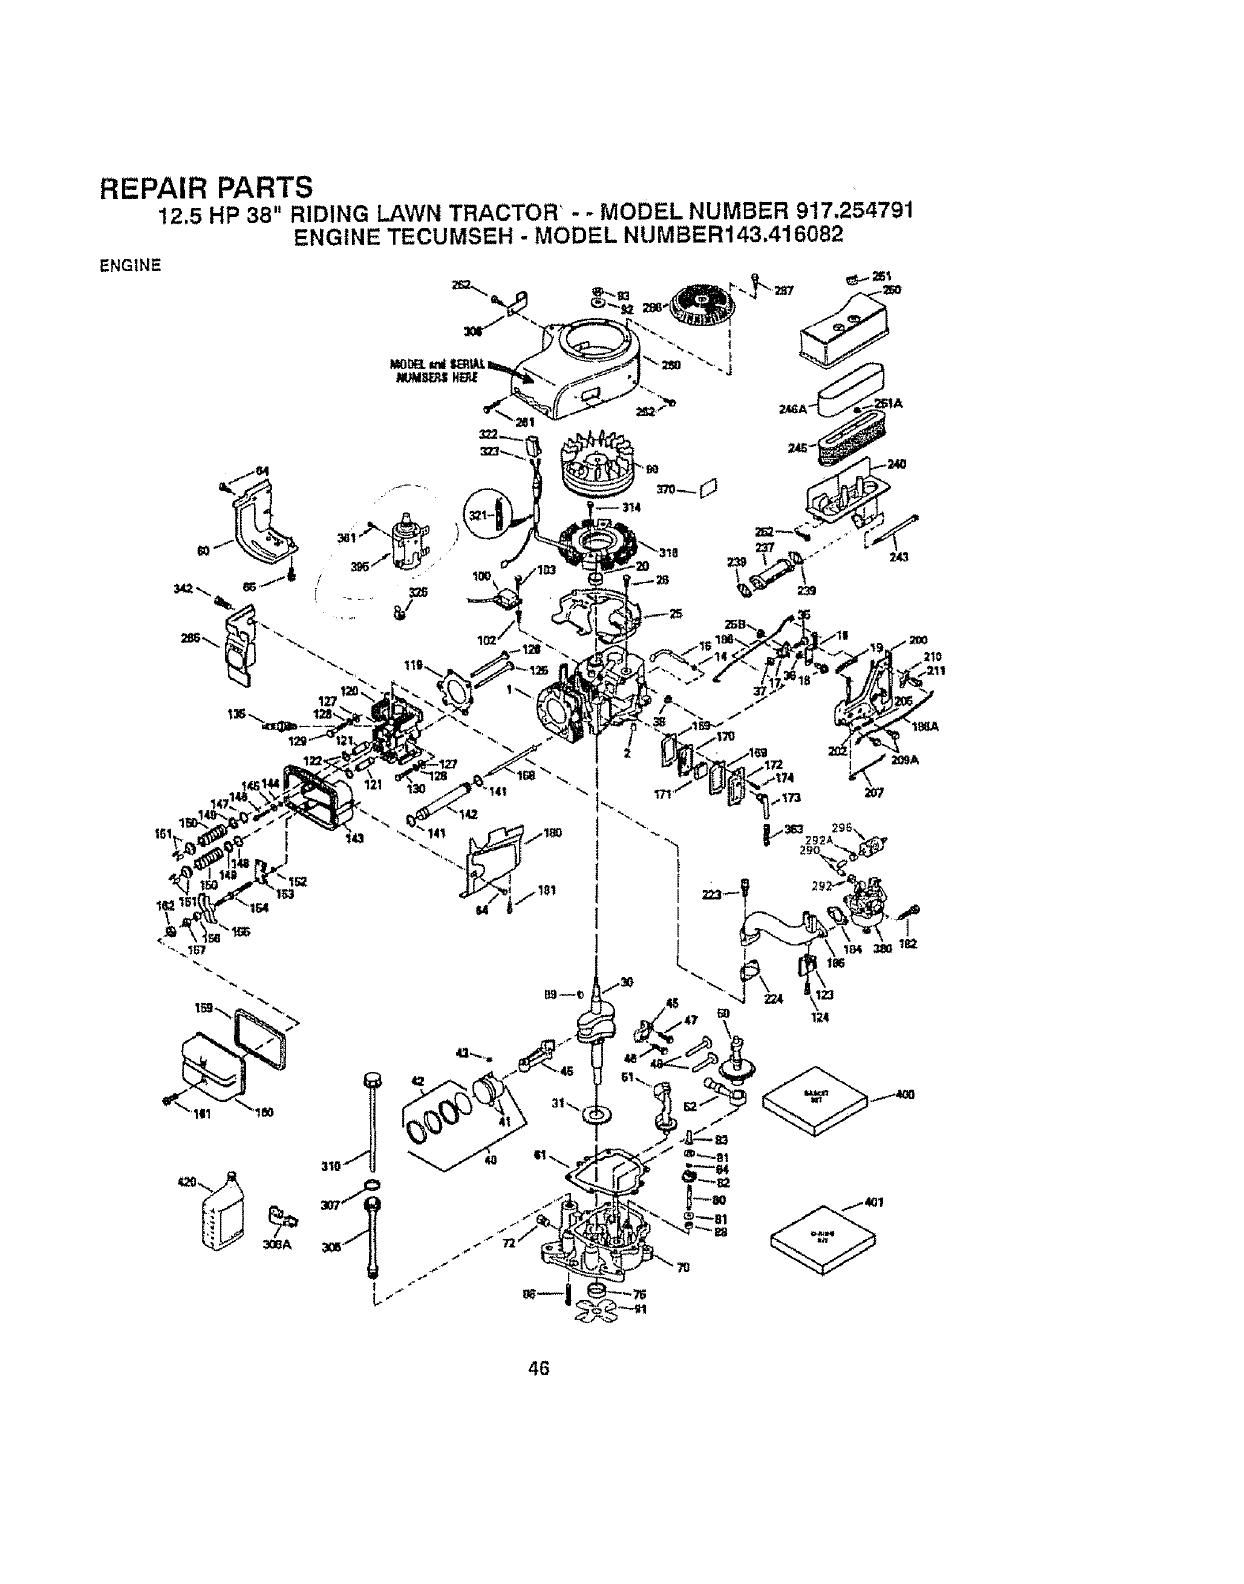 Craftsman 917254791 User Manual 12.5 HP 38 RIDING LAWN